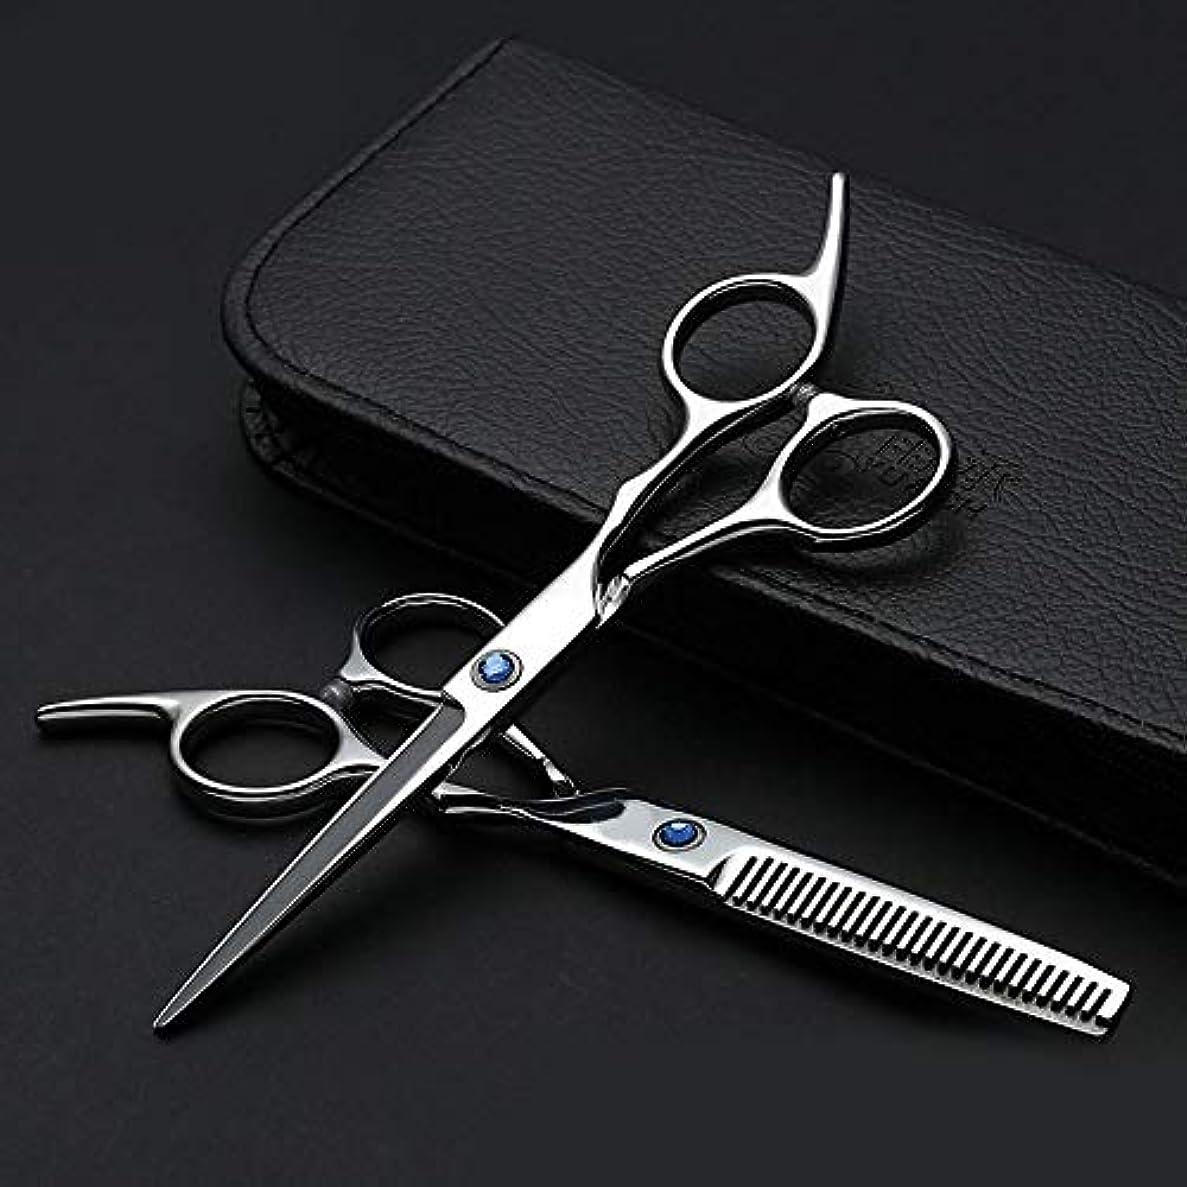 カバー思われる起こりやすい6インチプロフェッショナル理髪セット、フラット+歯はさみセット ヘアケア (色 : Blue diamond)